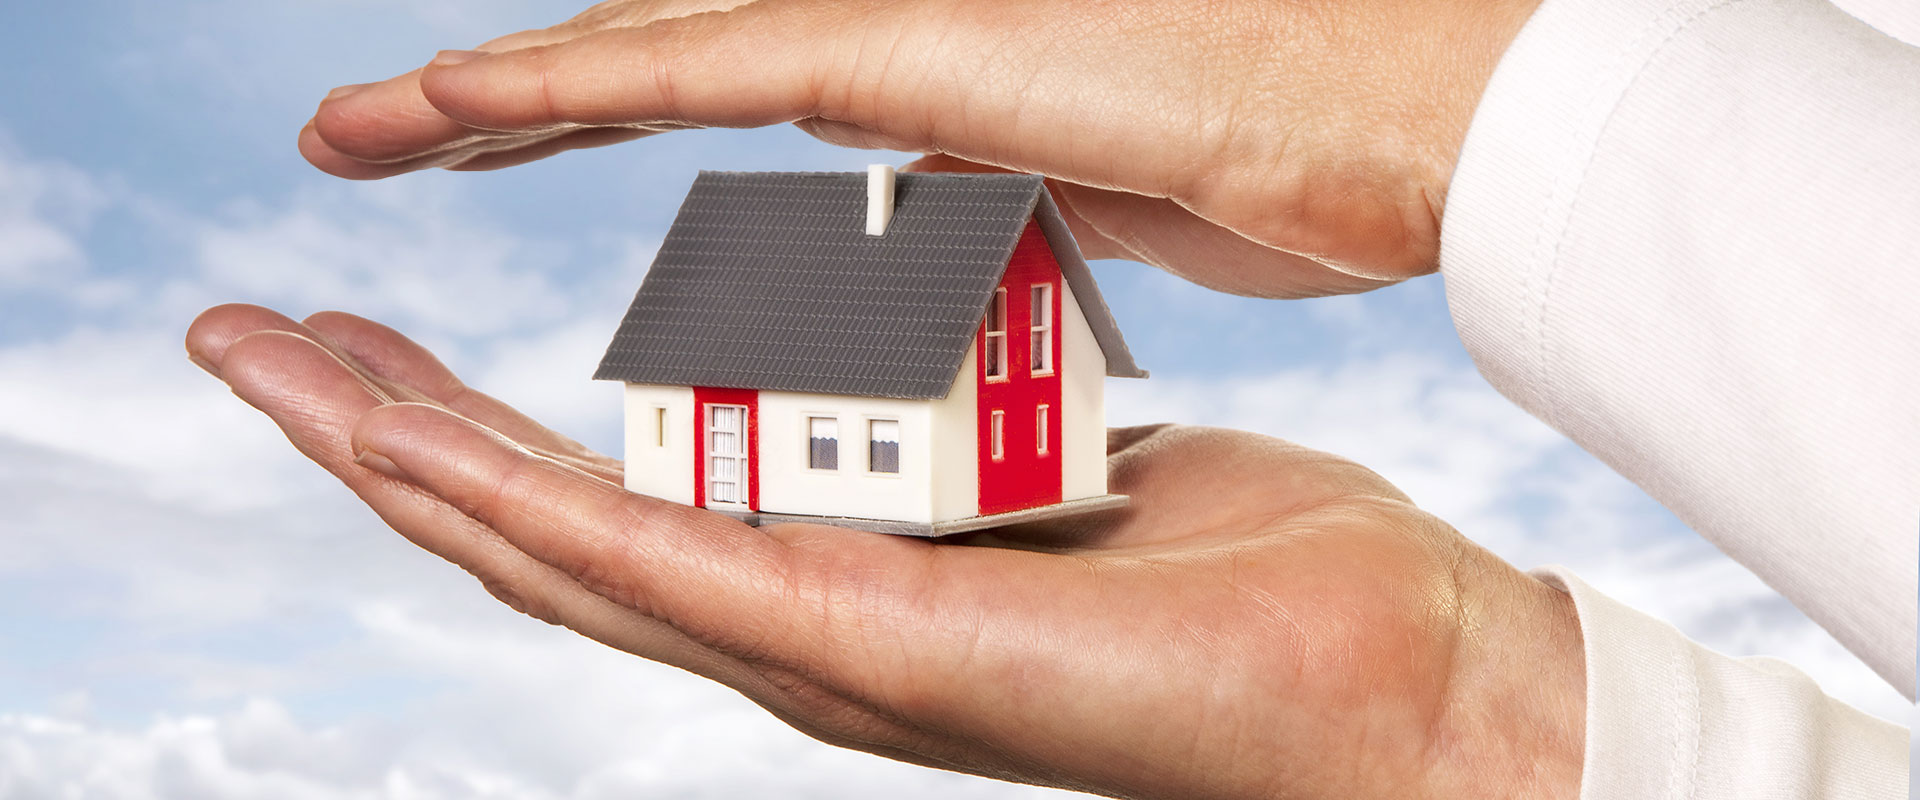 Abbildung Modellhaus zwischen zwei Händen